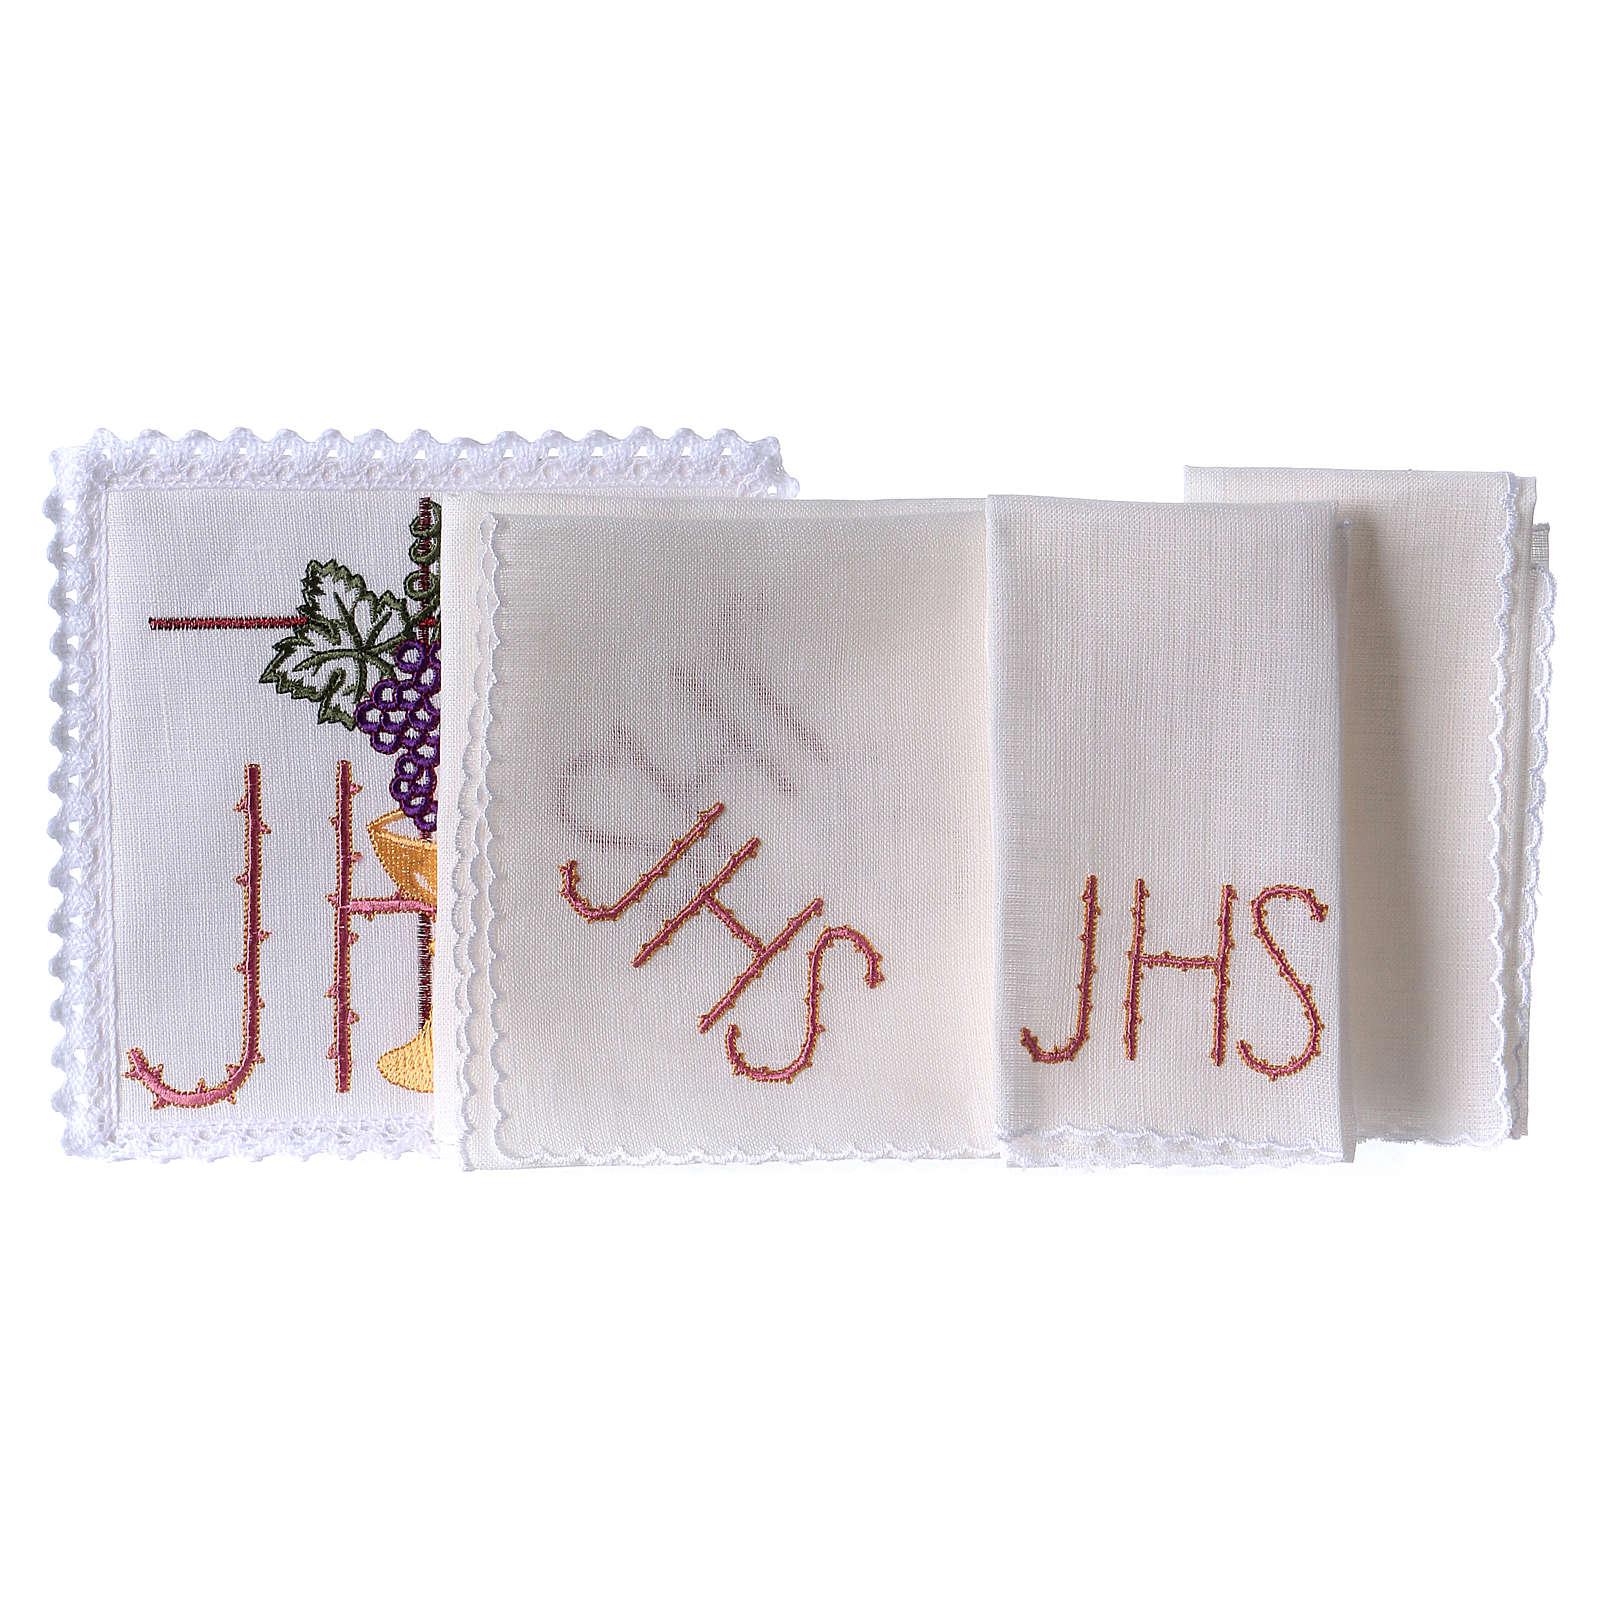 Linge autel lin calice feuille raisin symbole IHS épine 4